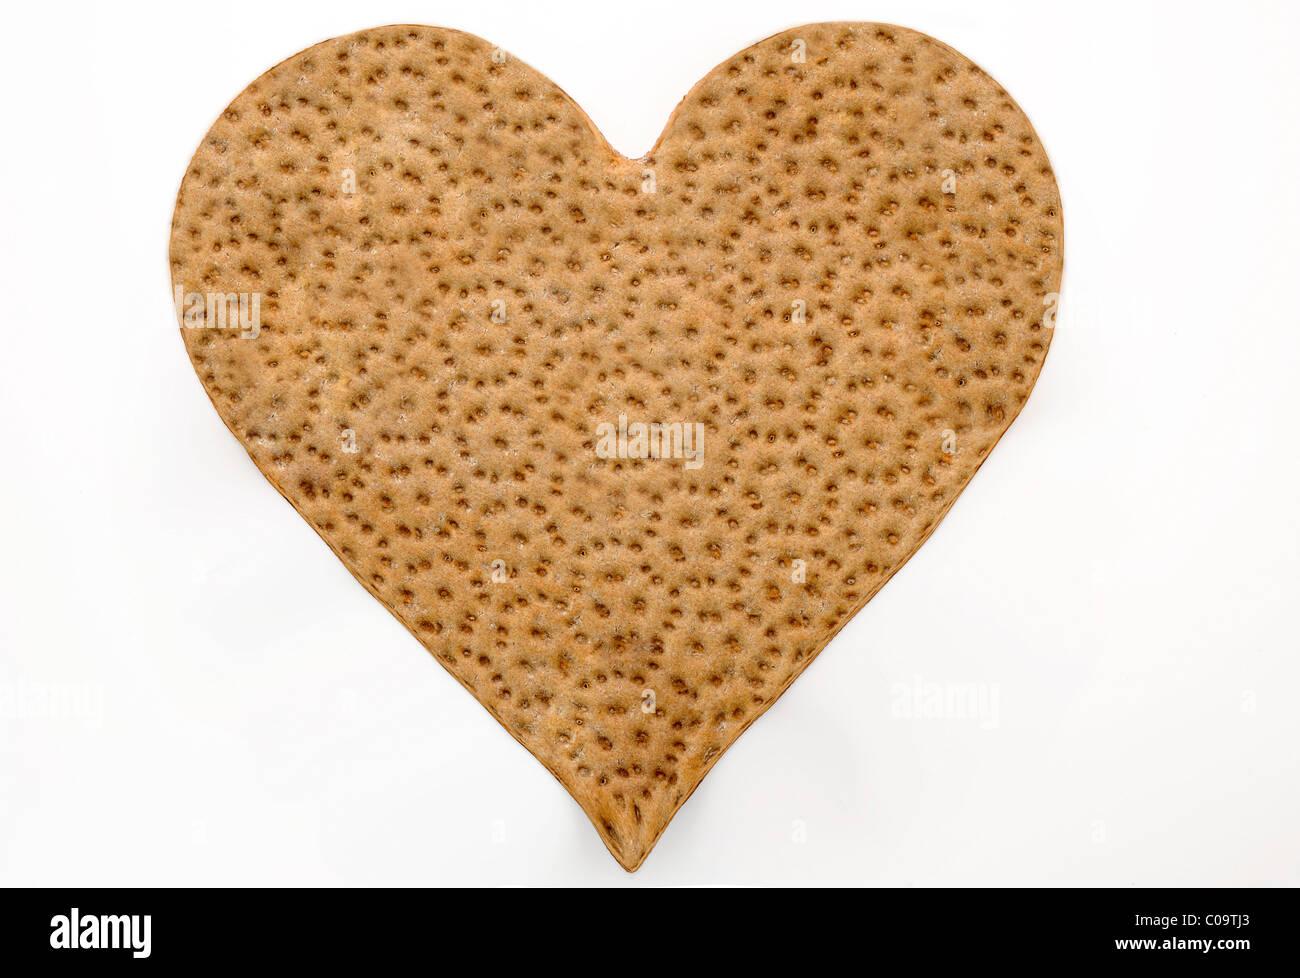 Crispbread in heart shape - Stock Image